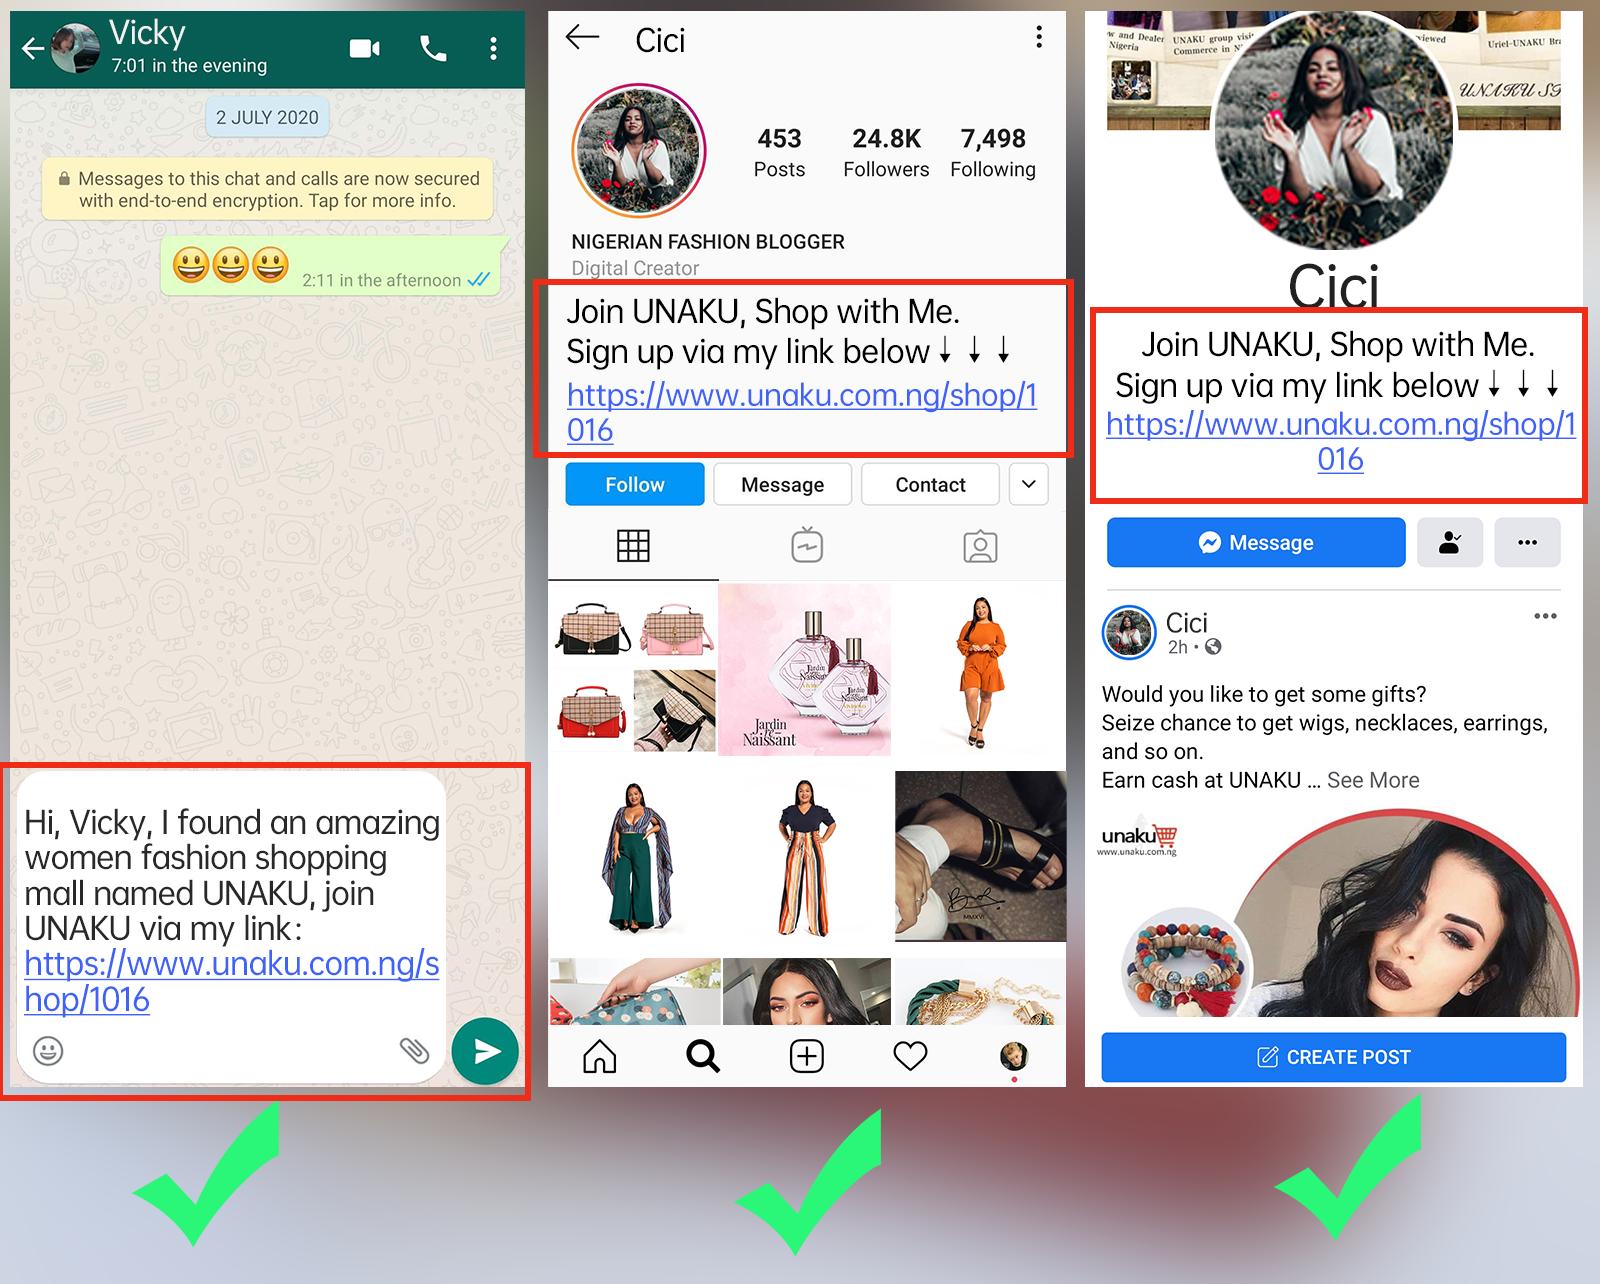 社交媒体分享传播-链接为店铺.png